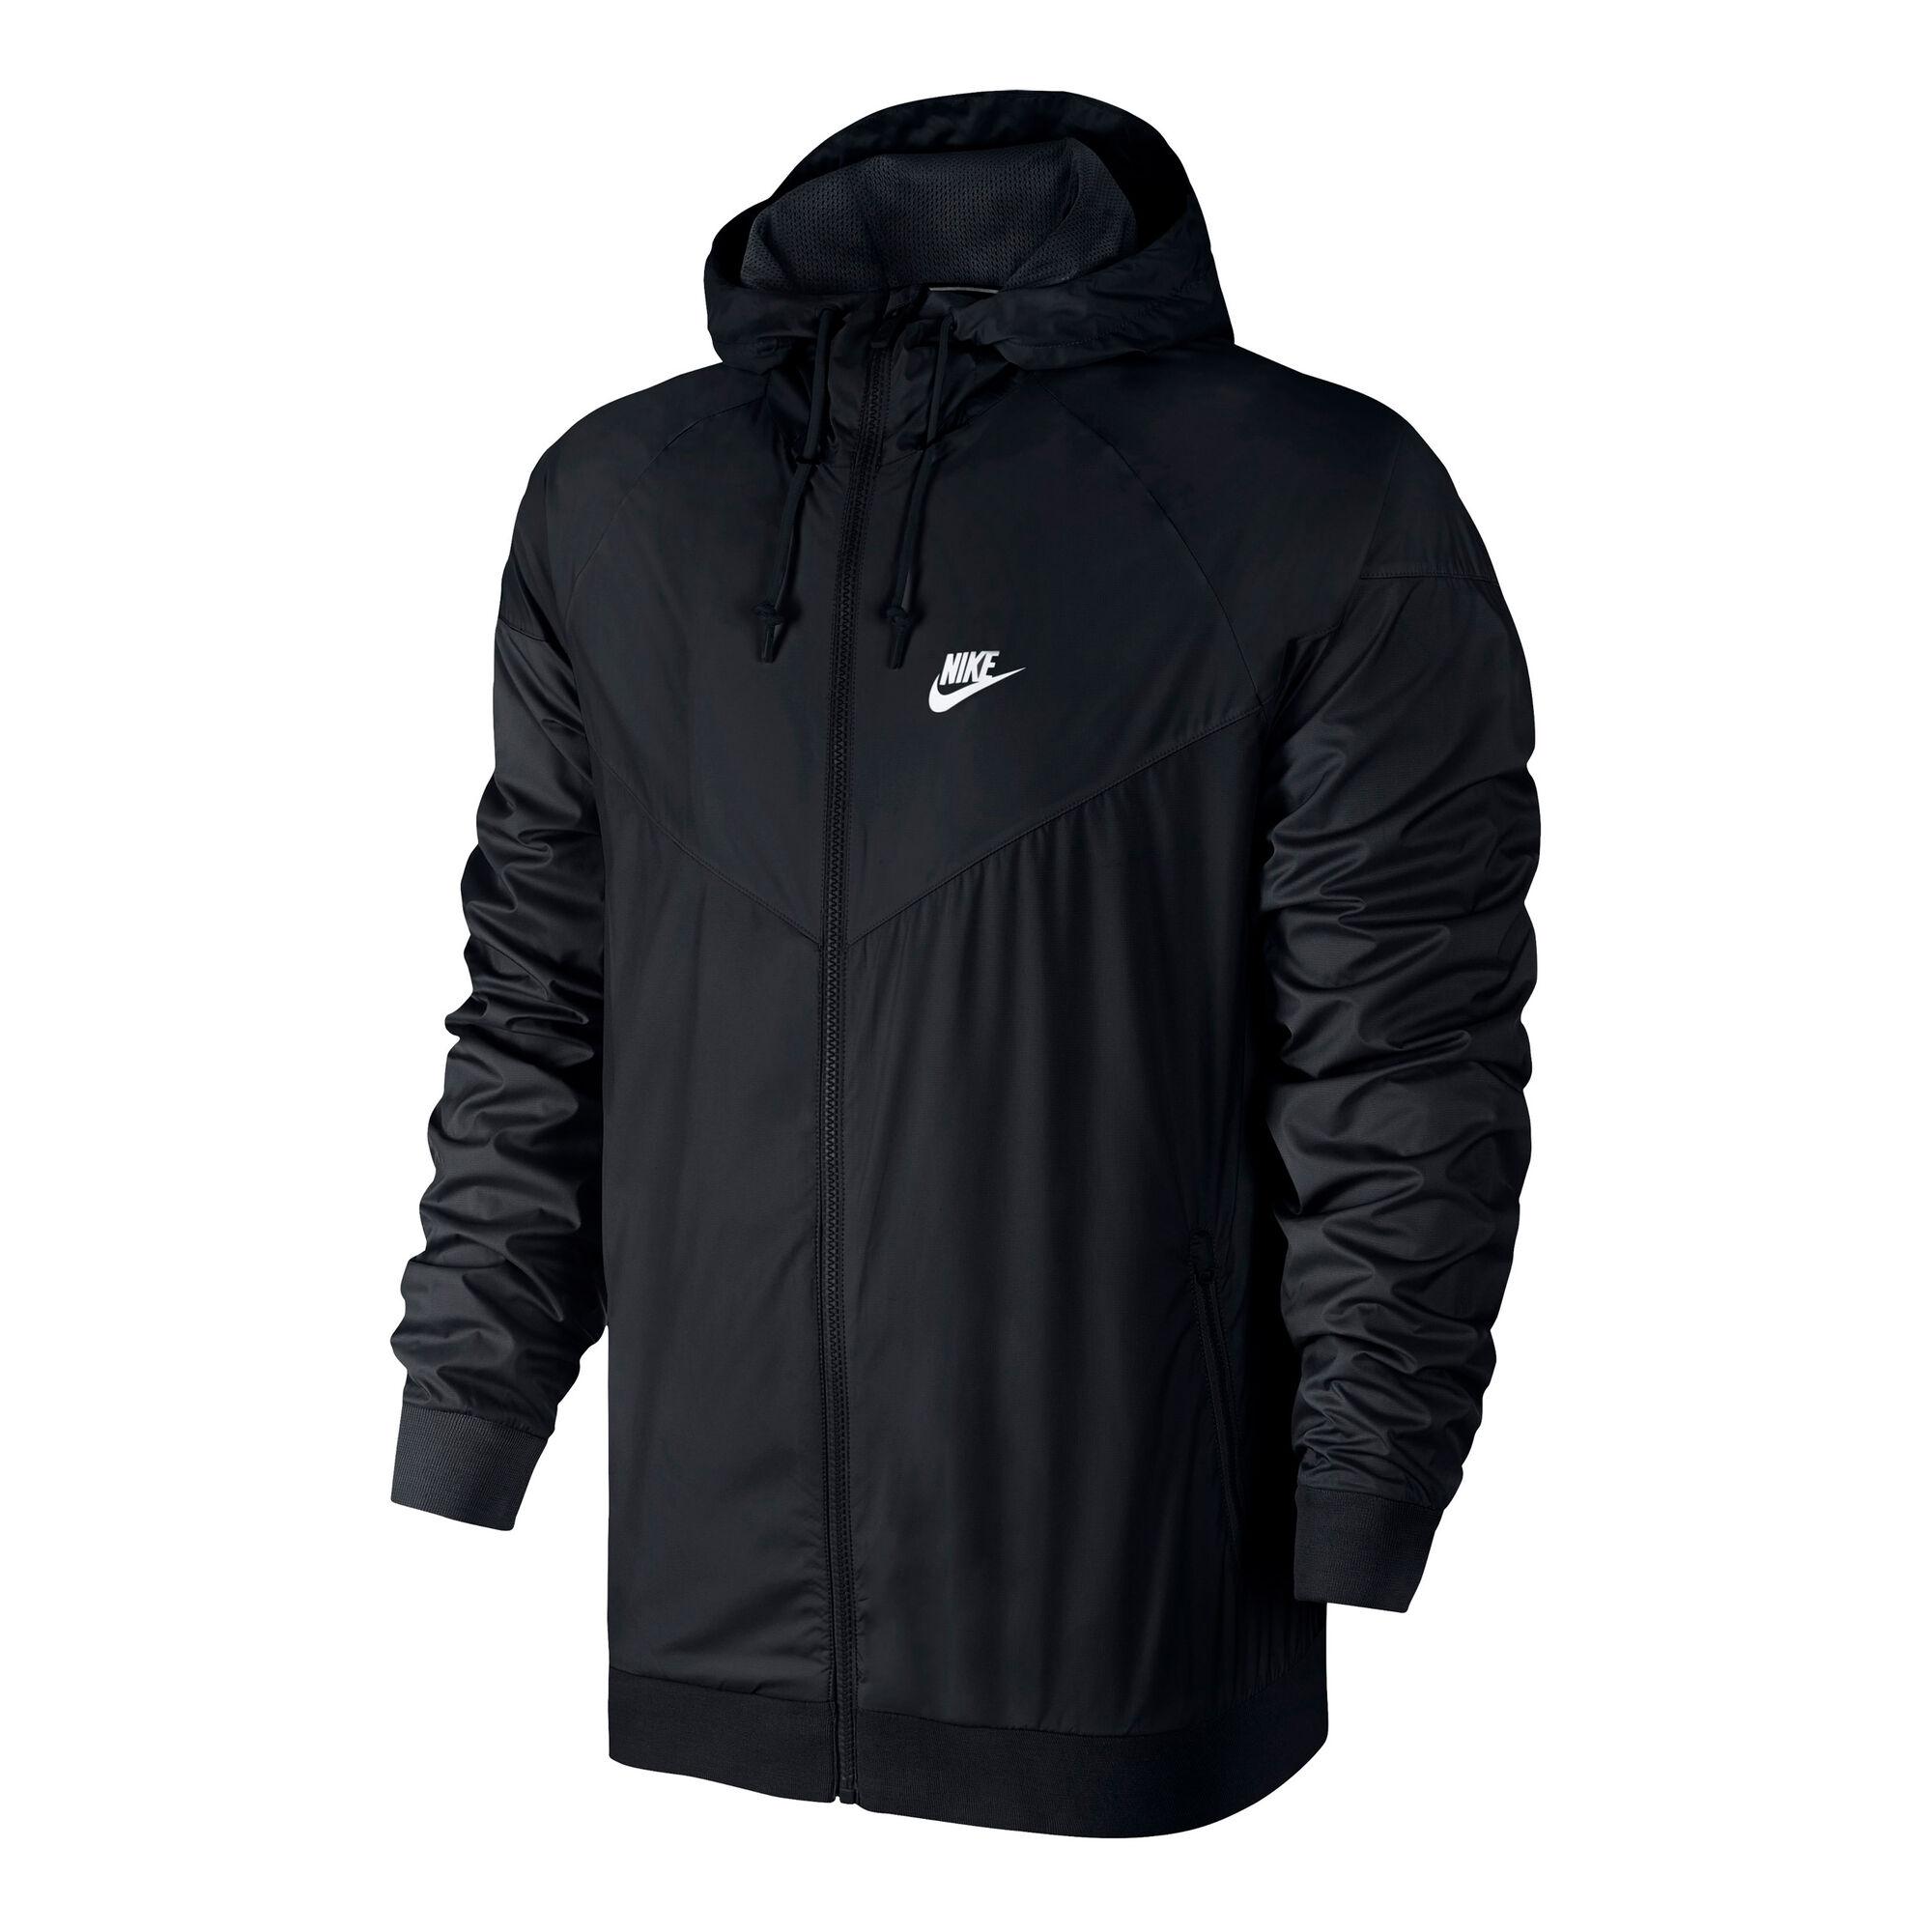 f30dab48eb0e Nike · Nike · Nike · Nike · Nike · Nike · Nike · Nike · Nike. Windrunner  Jacket Men ...